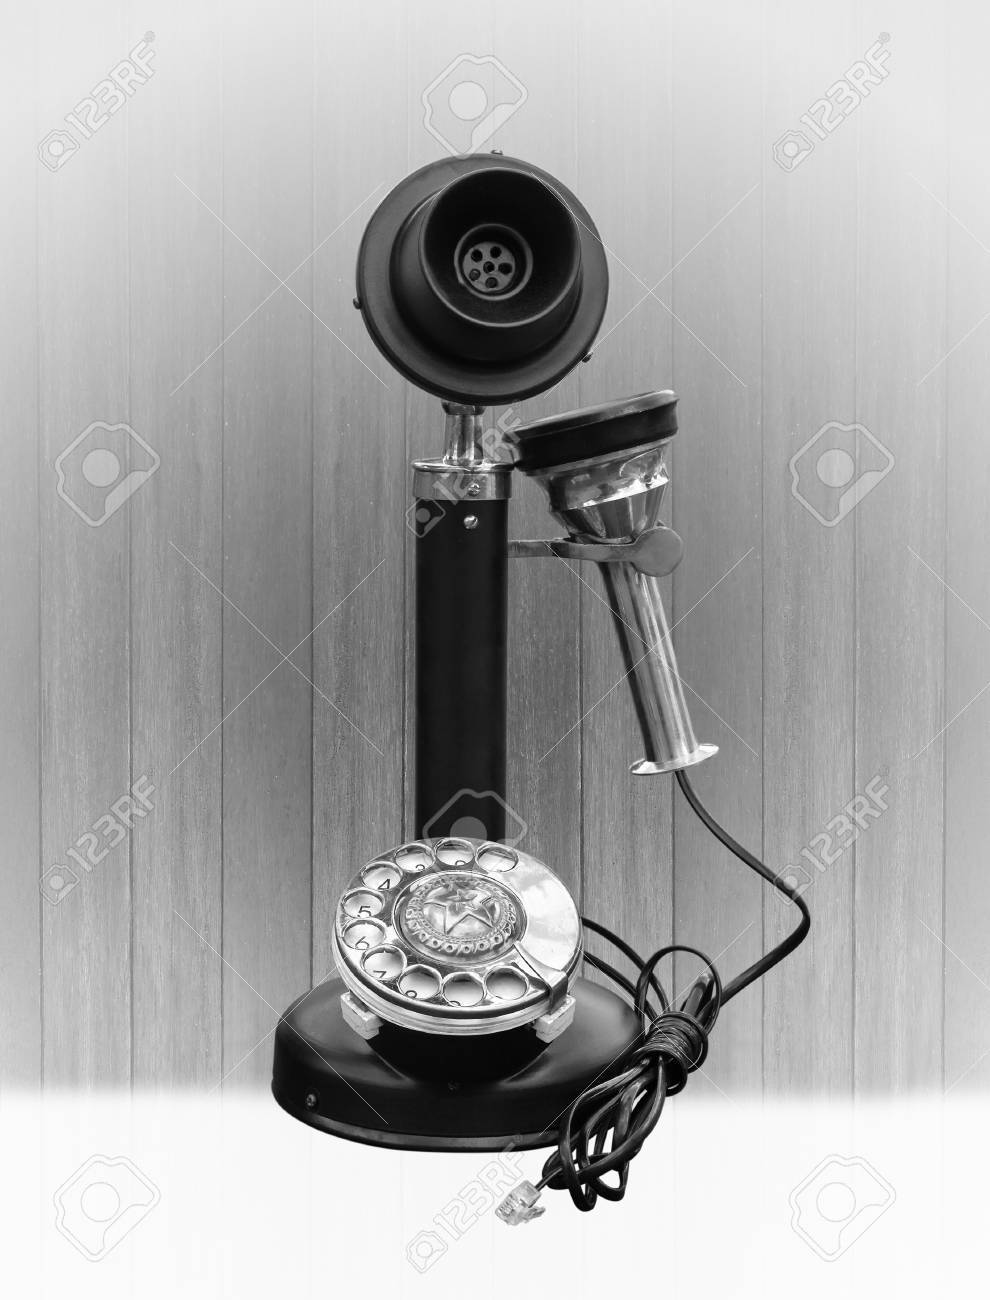 Telephone Vintage Sur Le Bois Raye Fond D Ecran Banque D Images Et Photos Libres De Droits Image 19821705